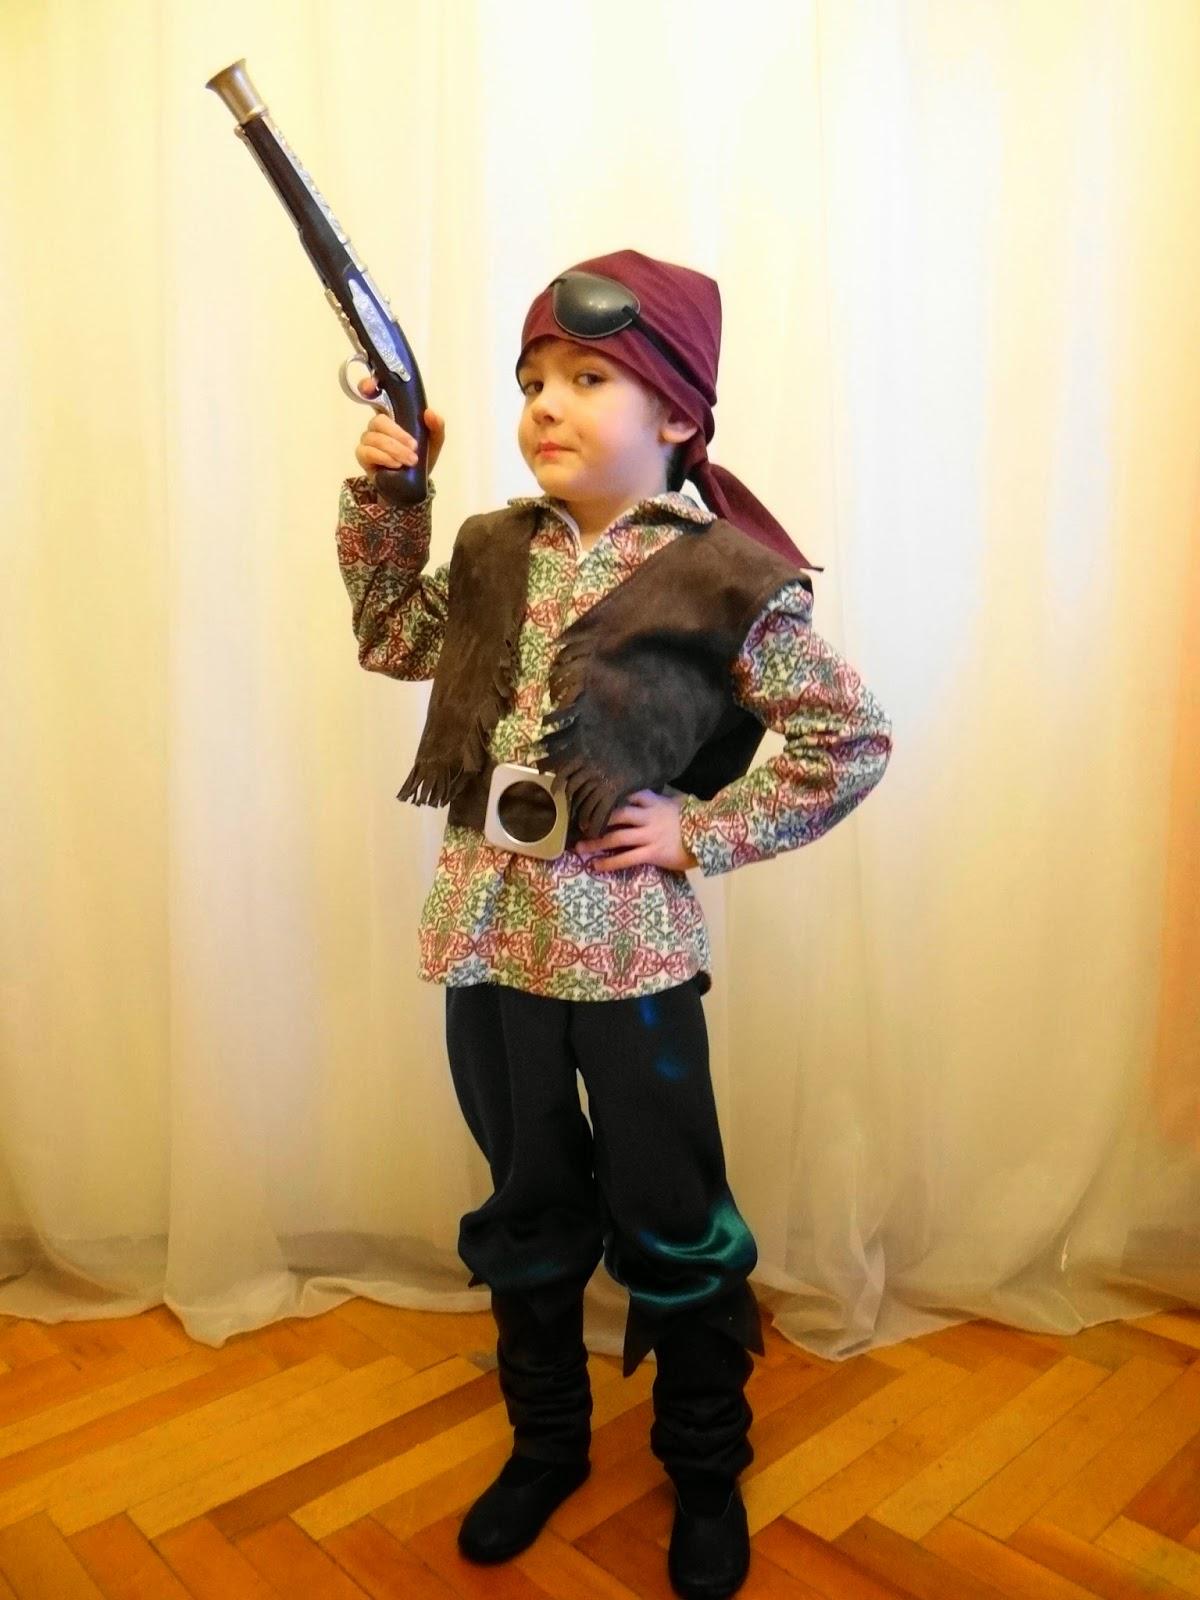 ПрокатАртСтудио: Карнавальные костюмы для мальчиков - photo#28